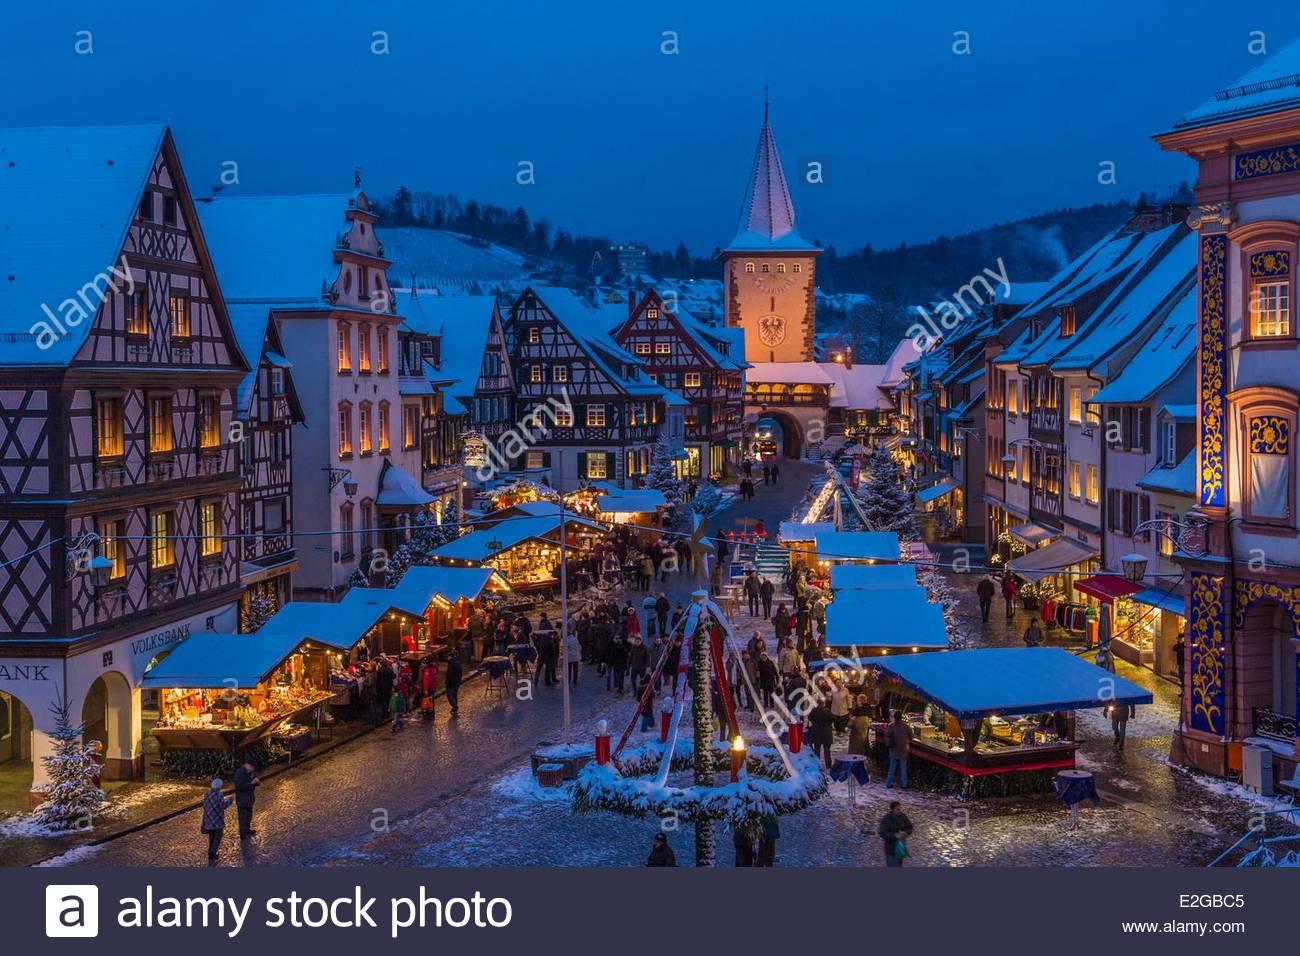 ... Christmas Market On Stock Photo, Royalty Free Image: 70430981 - Alamy